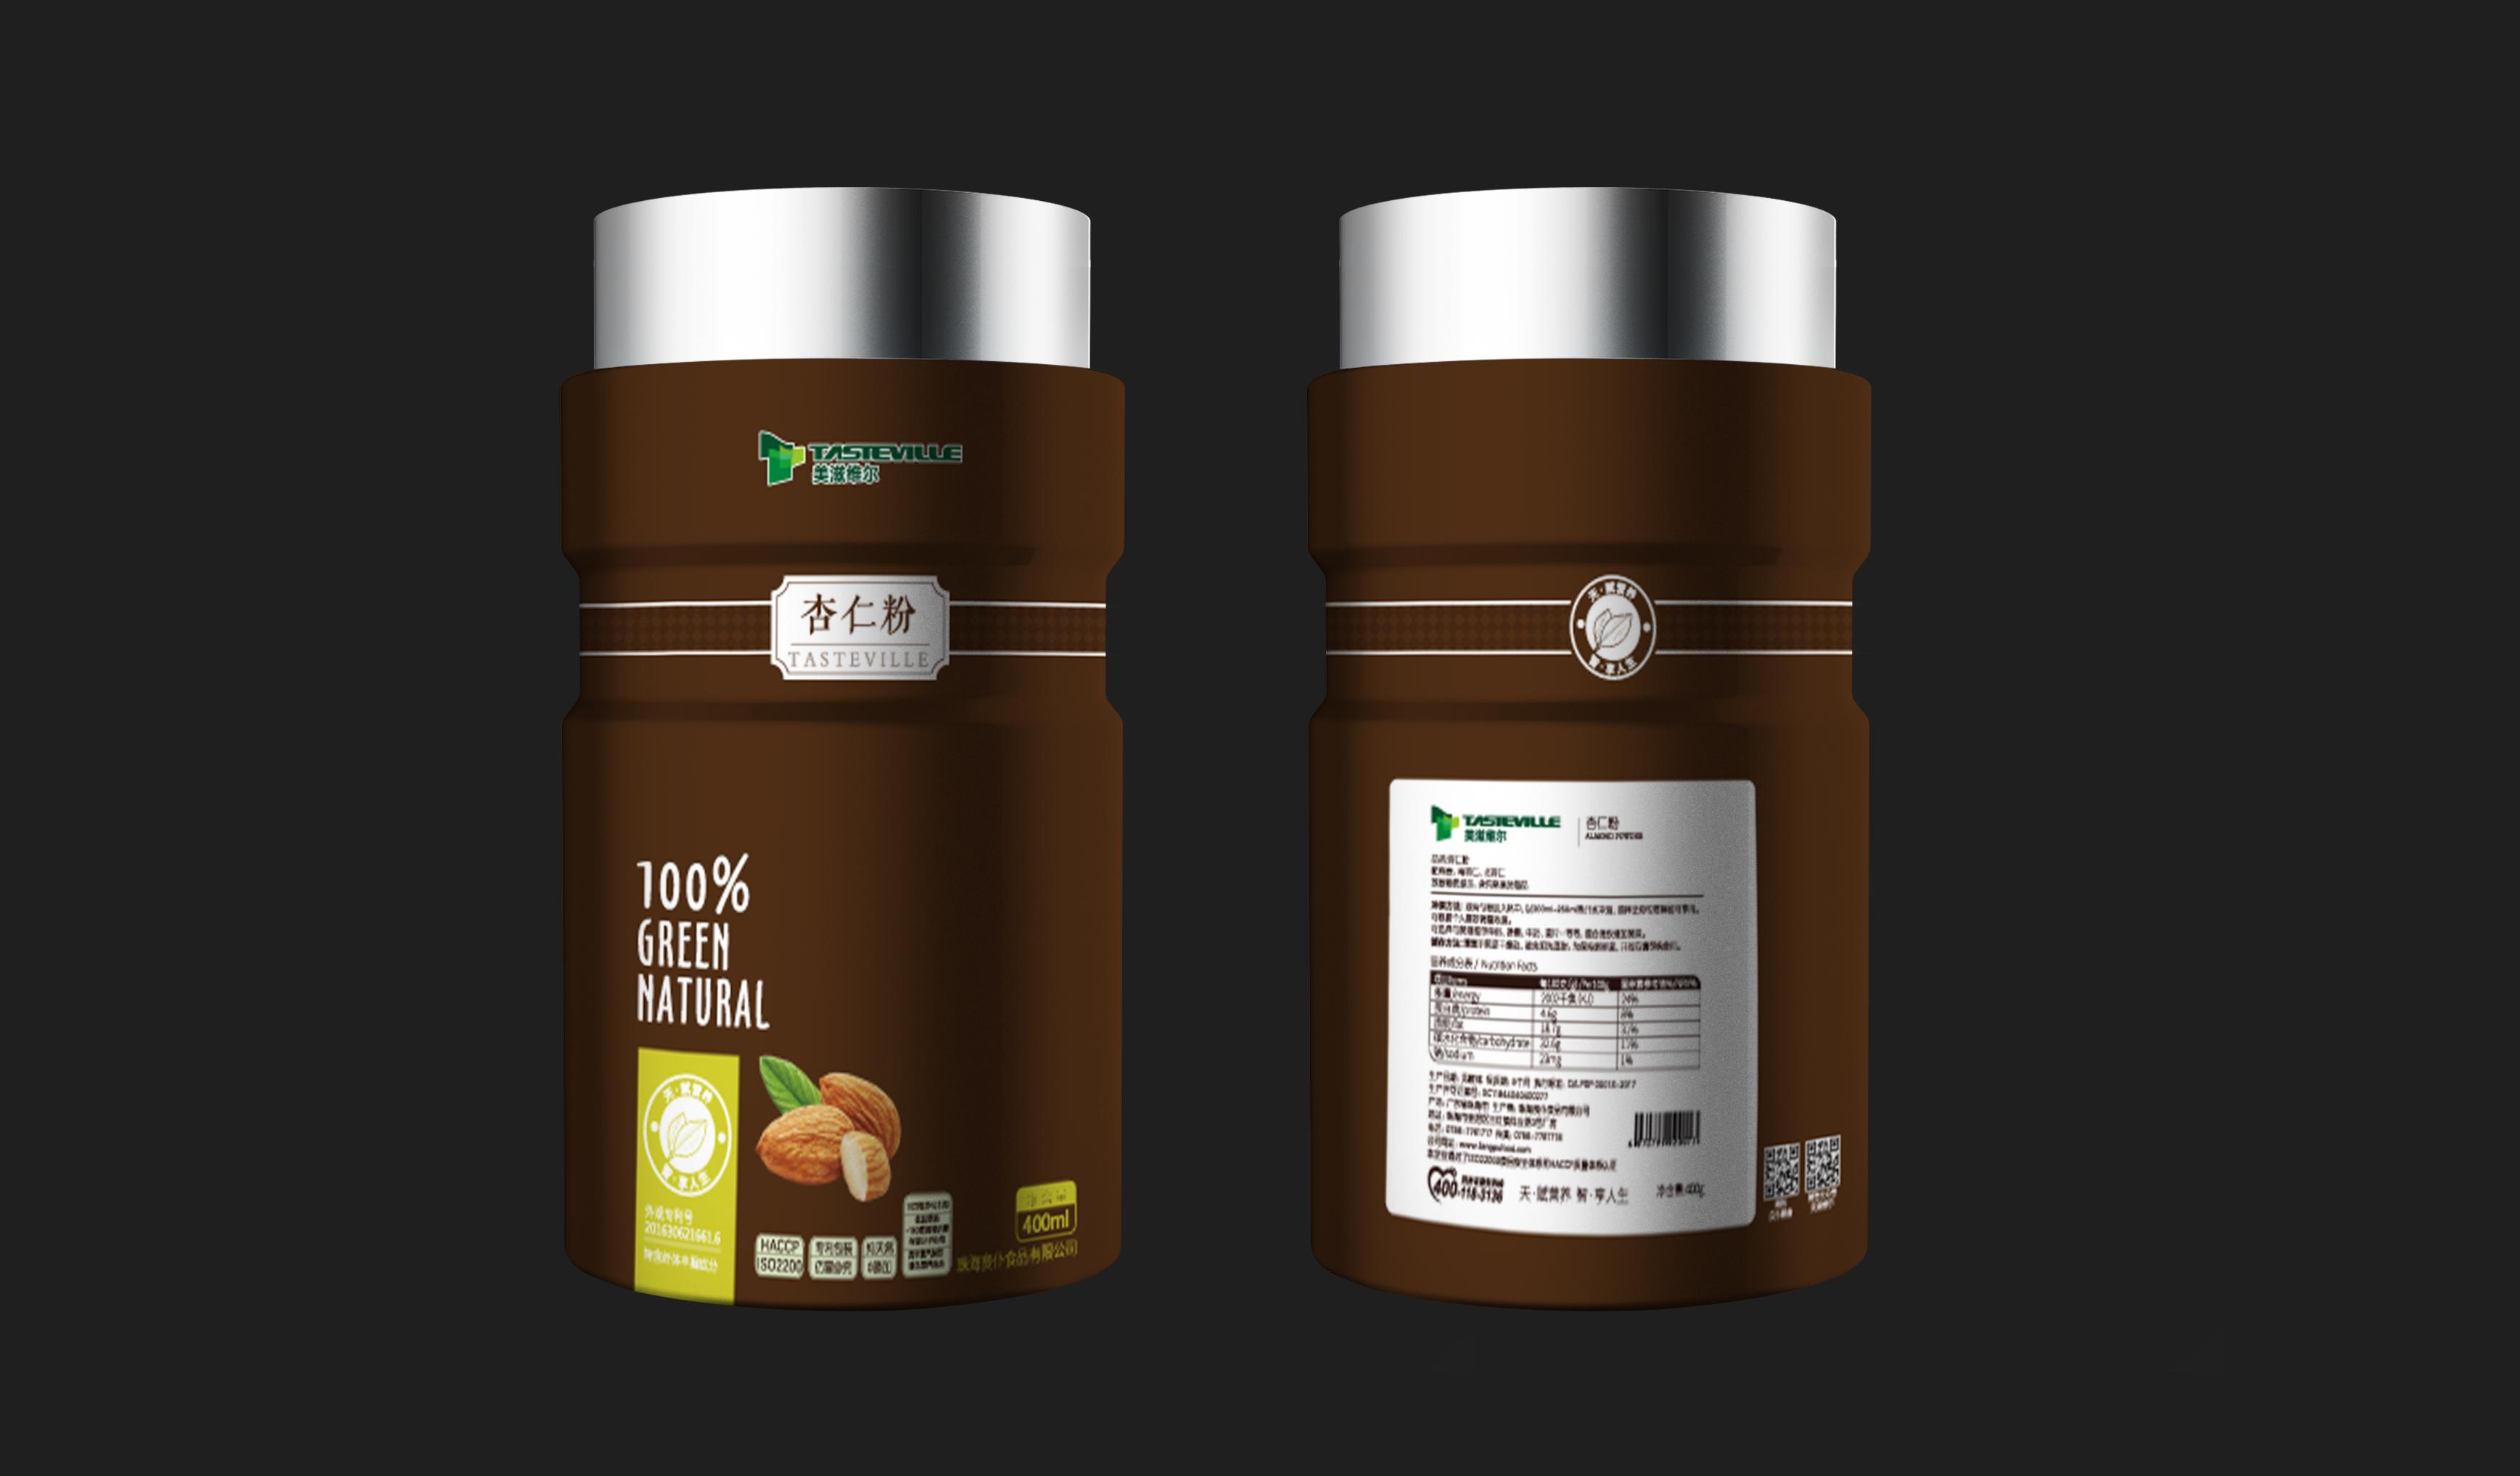 美滋维尔食品品牌包装设计